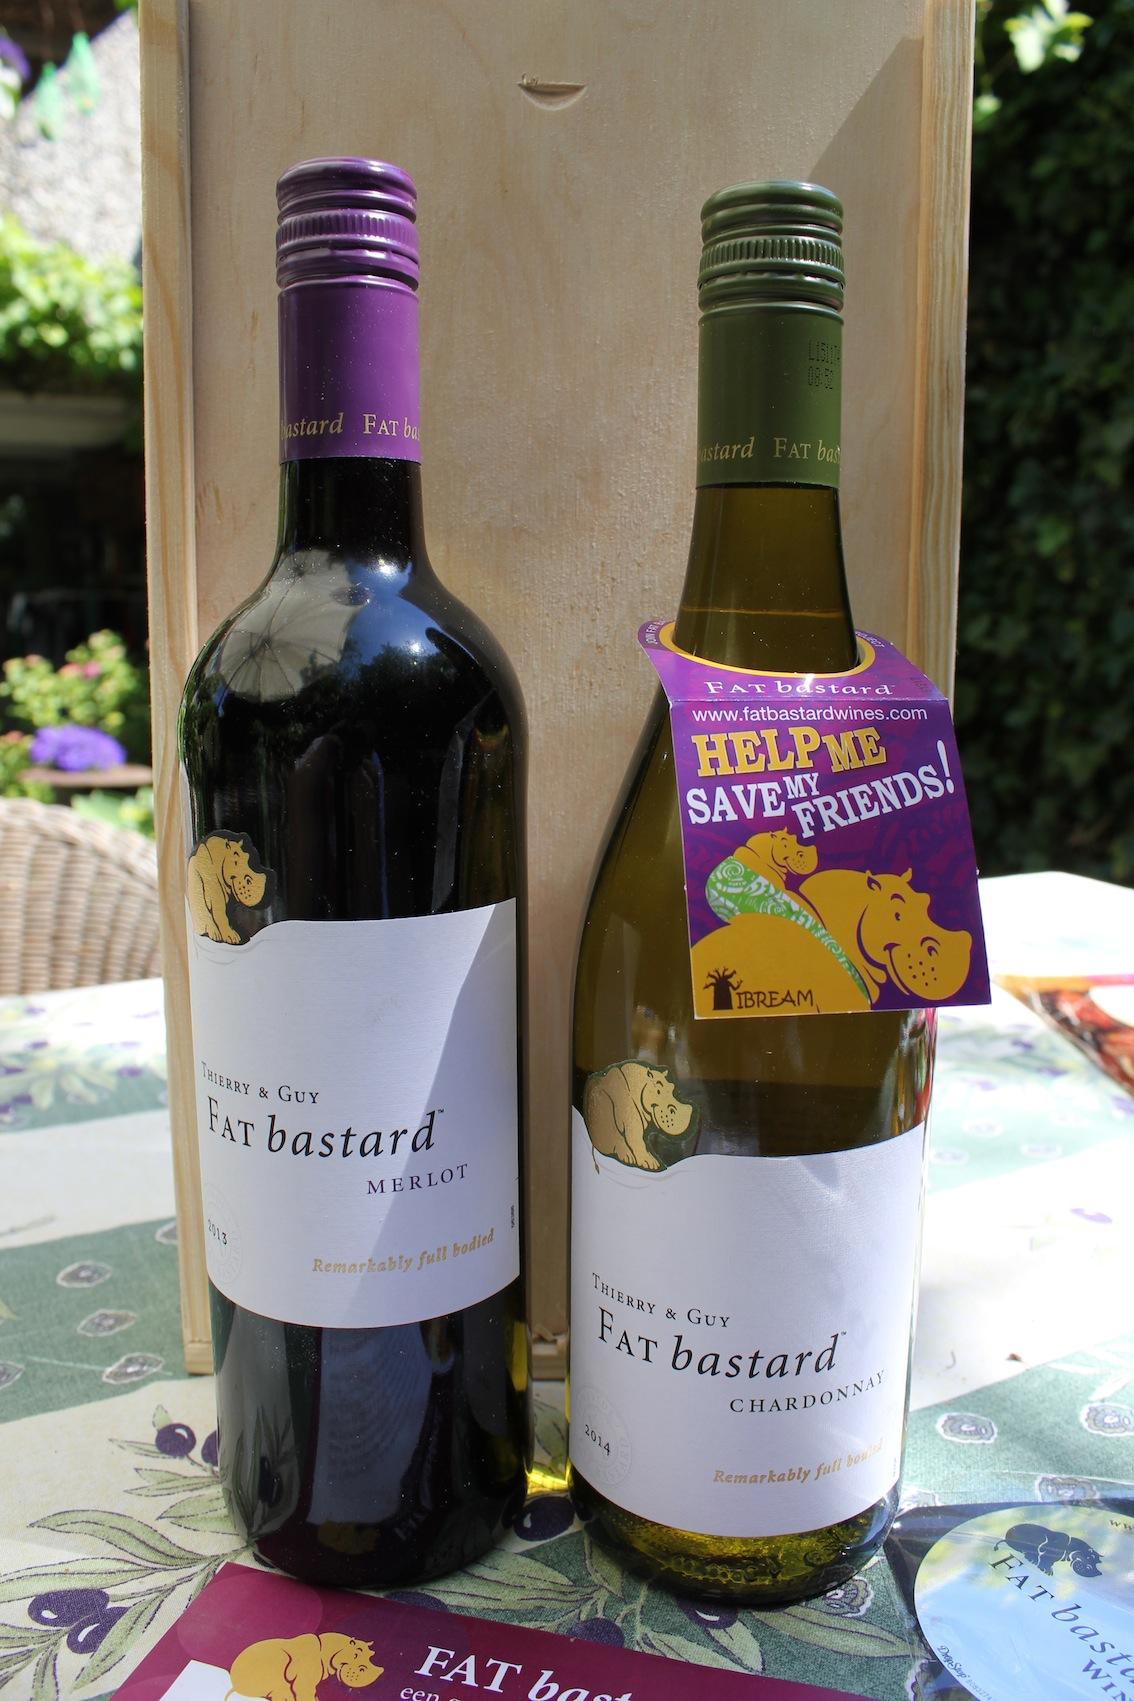 Ongebruikt Een mooie wijn voor een goed doel, FAT bastard – Van Franse bodem HM-65